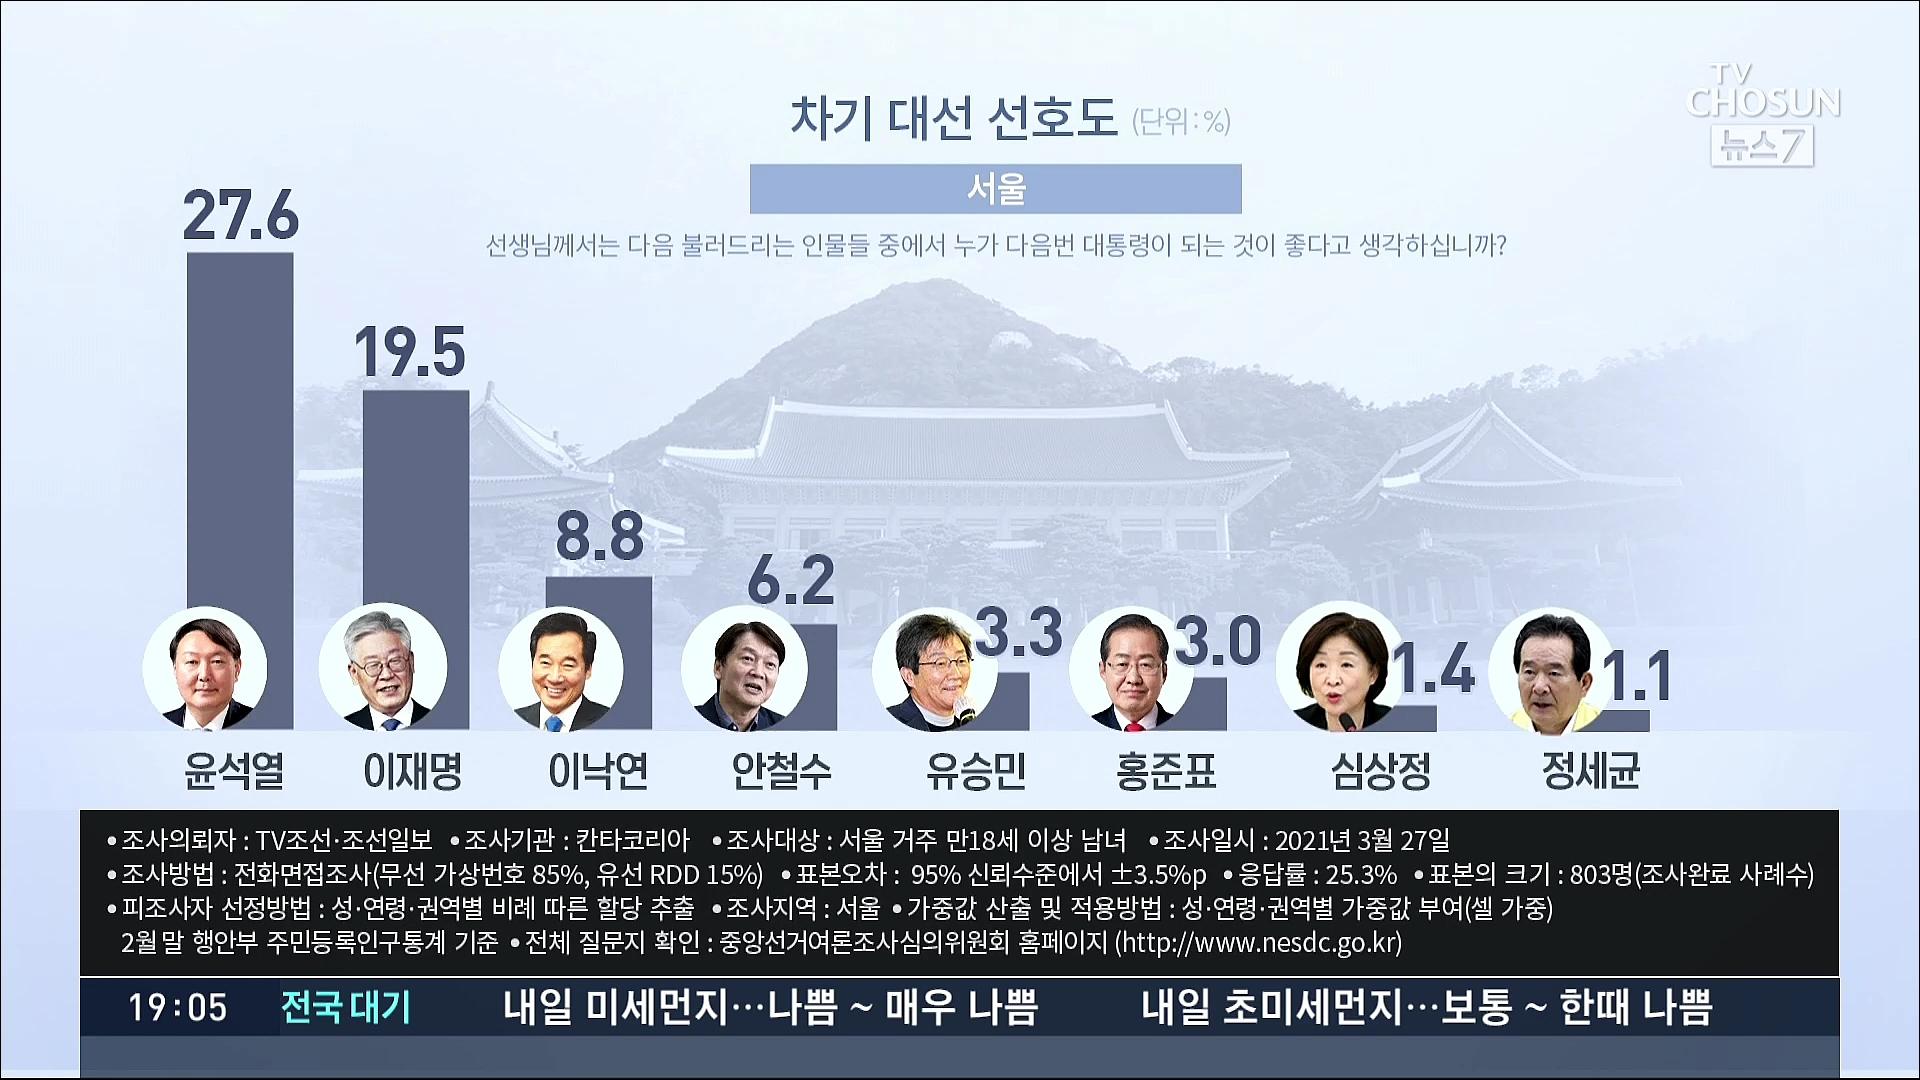 [여론조사] 윤석열 27.6%·이재명 19.5%·이낙연 8.8%·안철수 6.2% (서울)